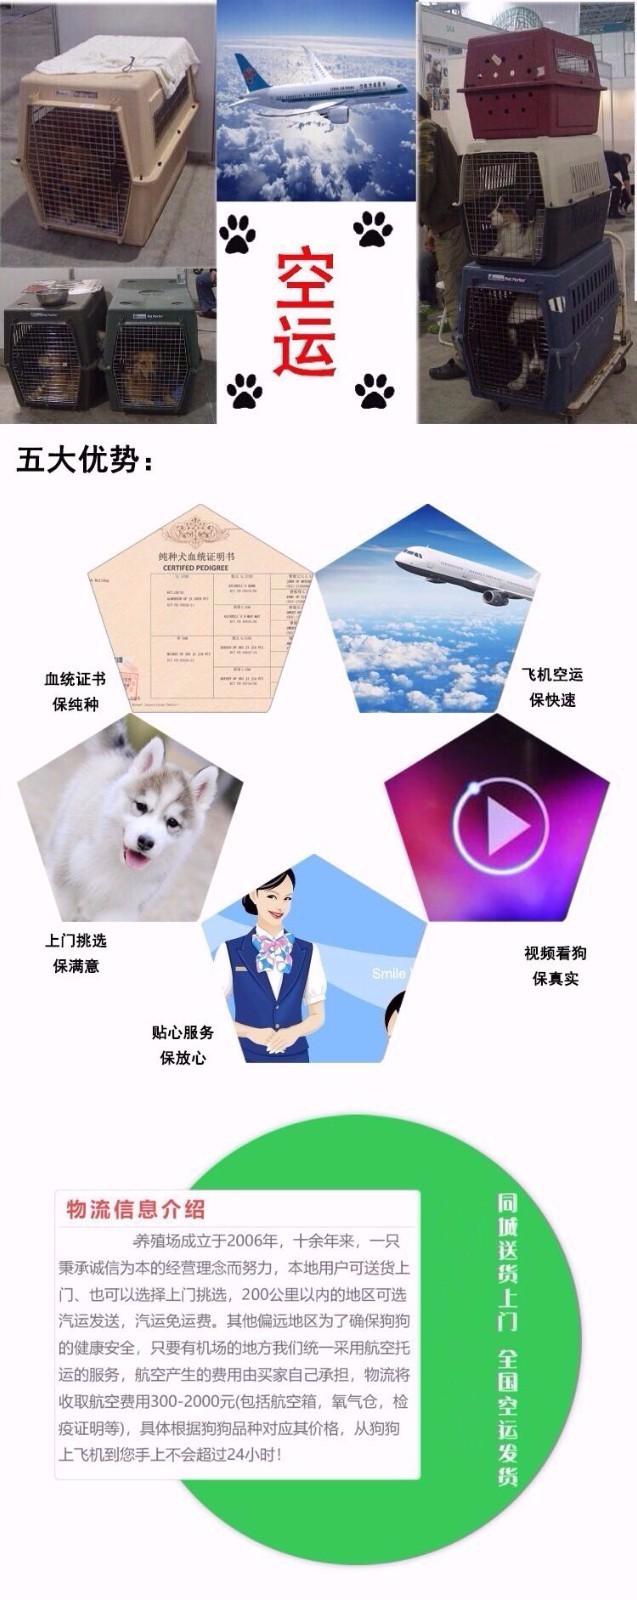 狗场直销出售徐州超小体泰迪犬 茶杯玩具血系多只供选14